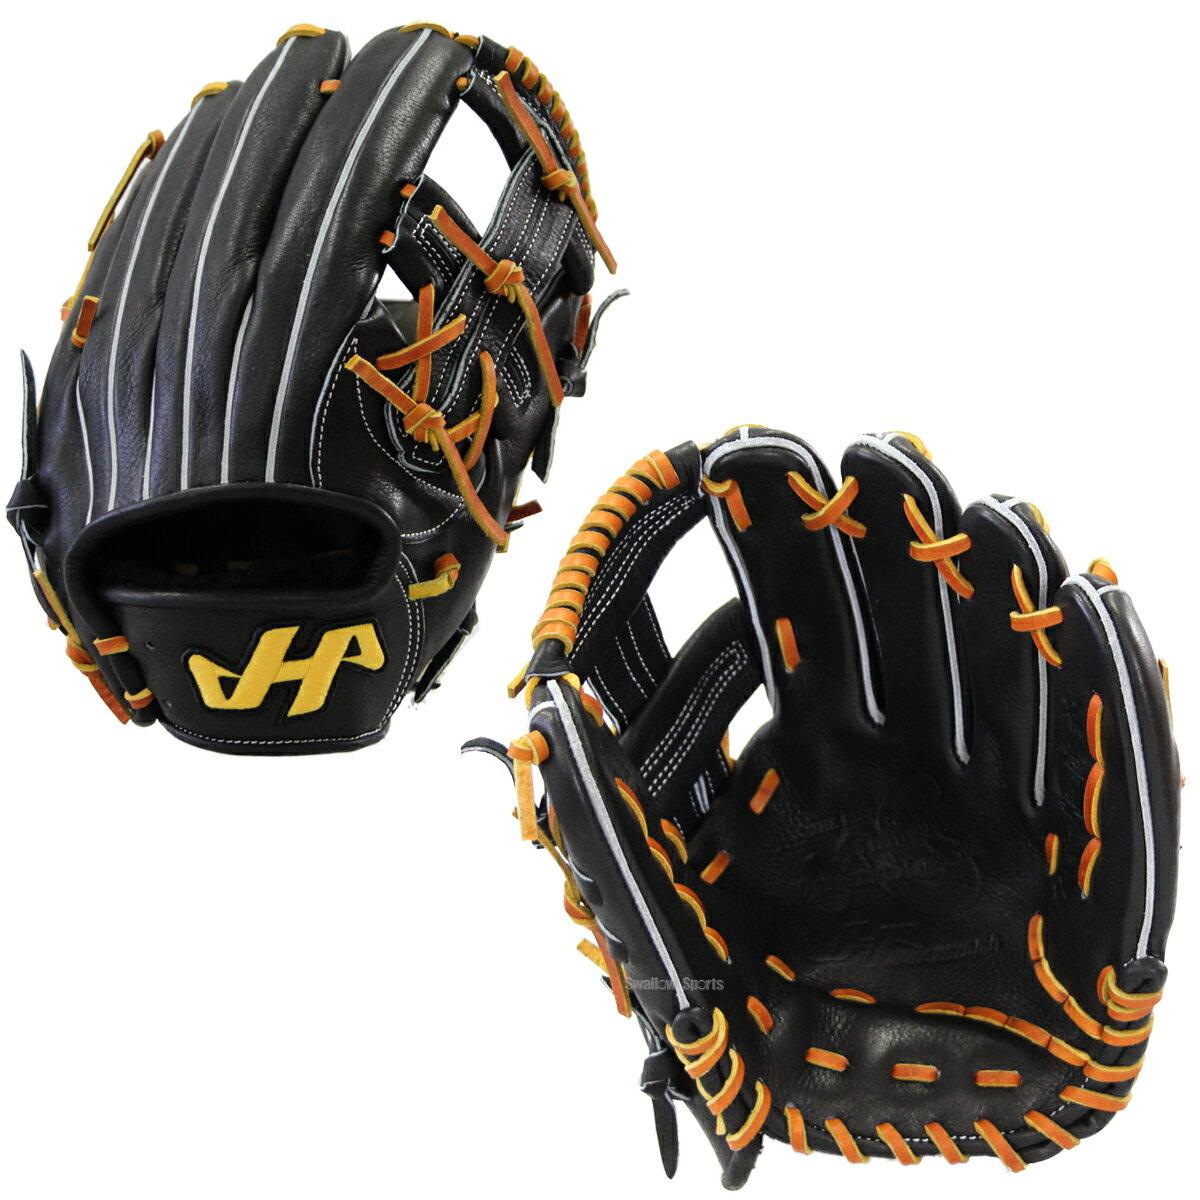 【あす楽対応】 ハタケヤマ 限定 和牛 軟式 グラブ 内野手用 WN-1775 軟式用 グローブ 野球用品 スワロースポーツ